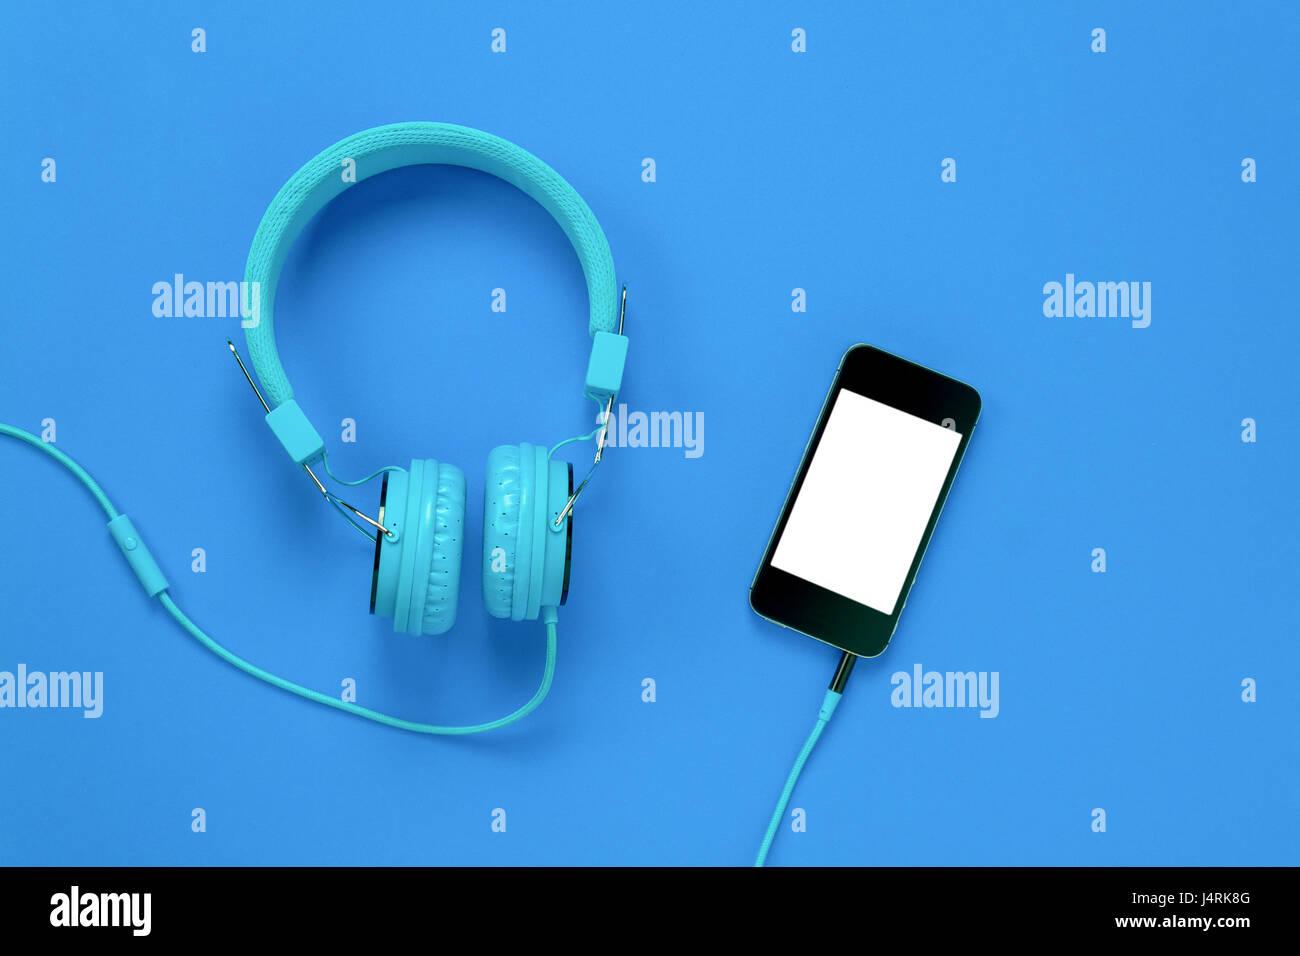 Vista Superiore Del Telefono Cellulare E Cuffie Su Sfondo Blu Con